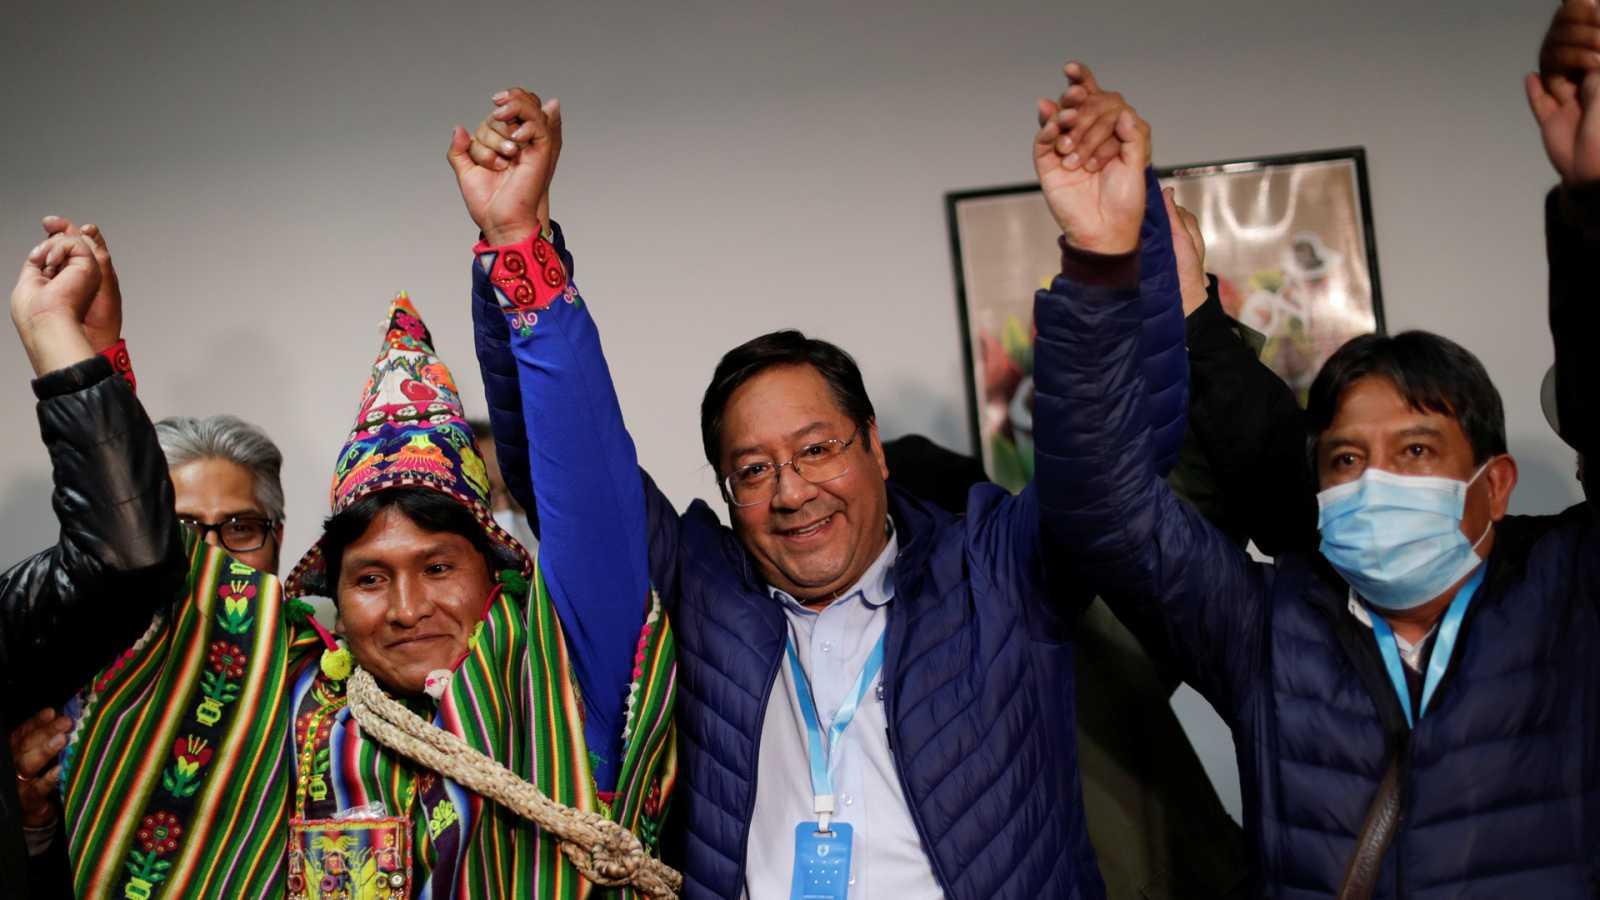 Hora América - Luis Arce, presidente electo de Bolivia - 19/10/20 - escuchar ahora